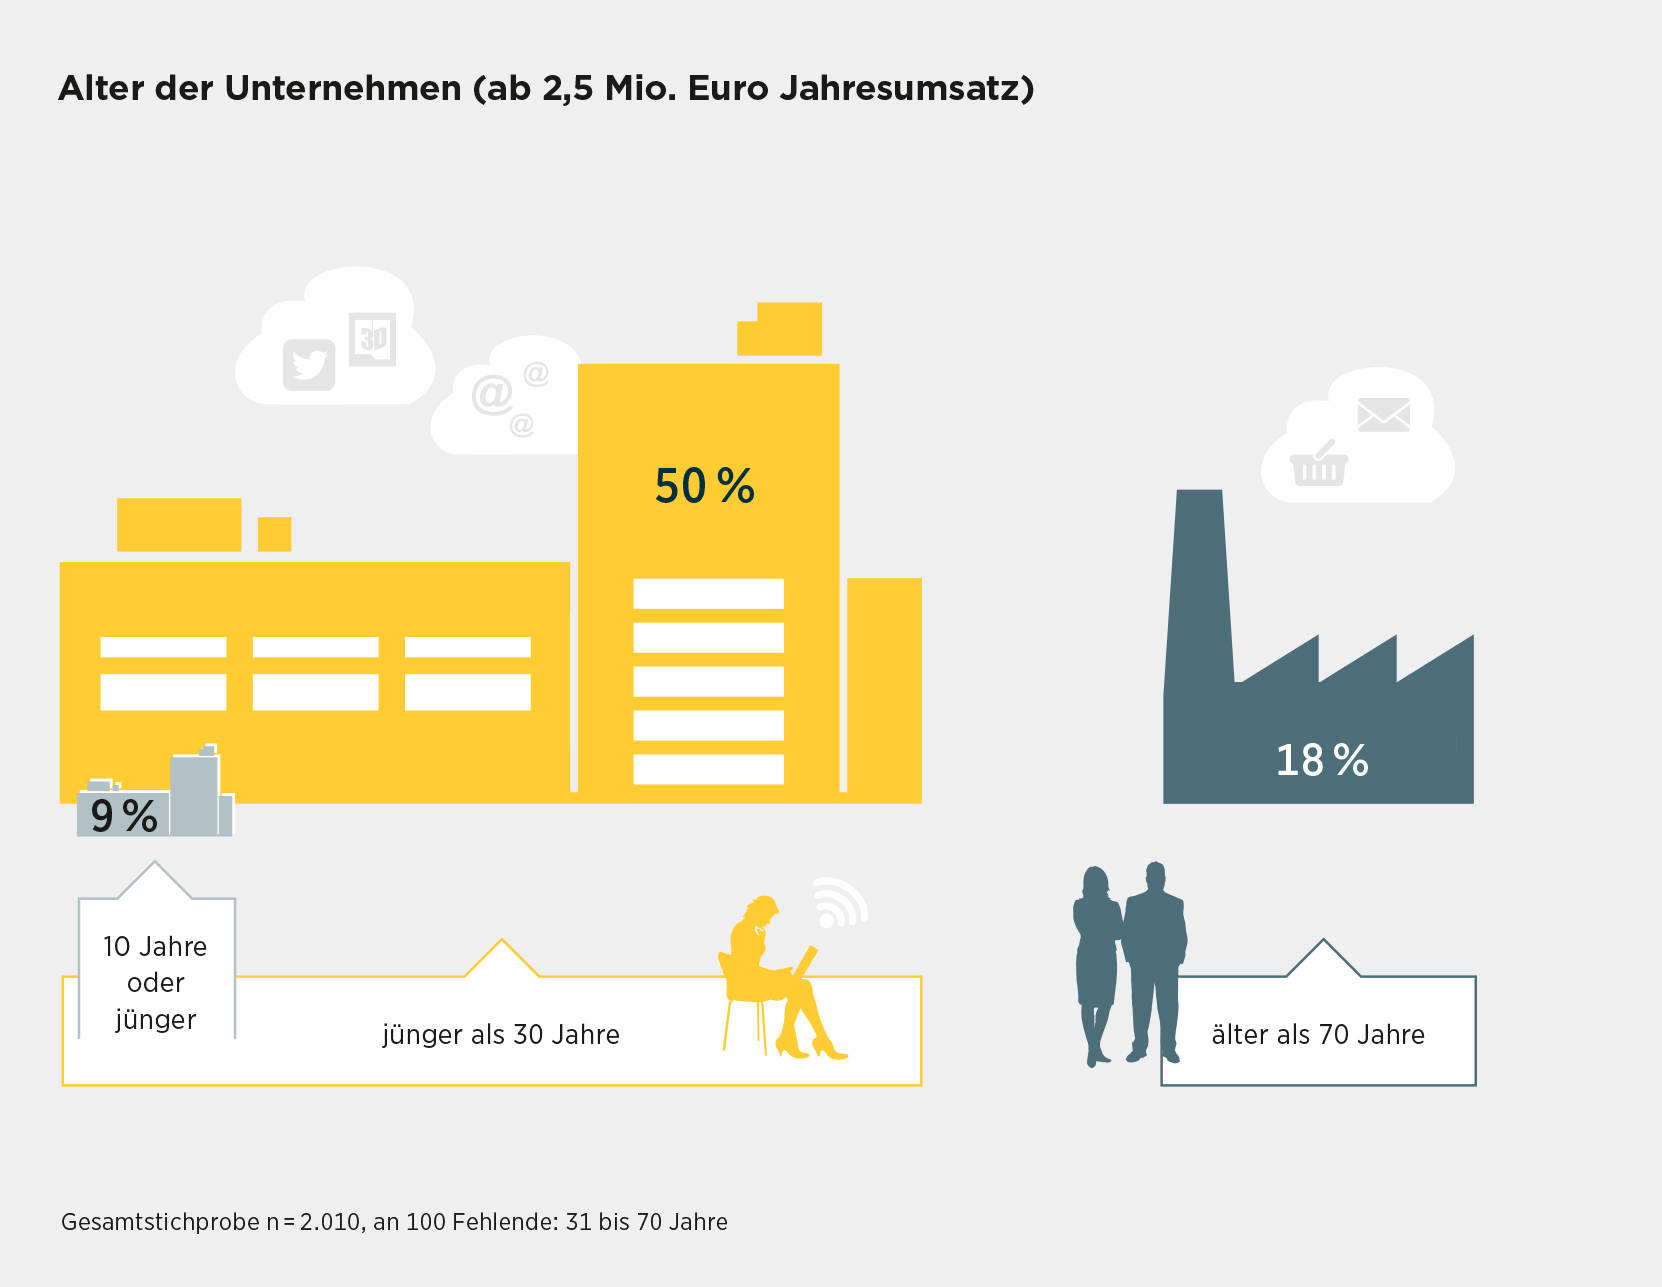 44 Jahre beträgt das Durchschnittsalter der Unternehmen. Jeweils die Hälfte der Mittelständler ist jünger bzw. älter als 30 Jahre.